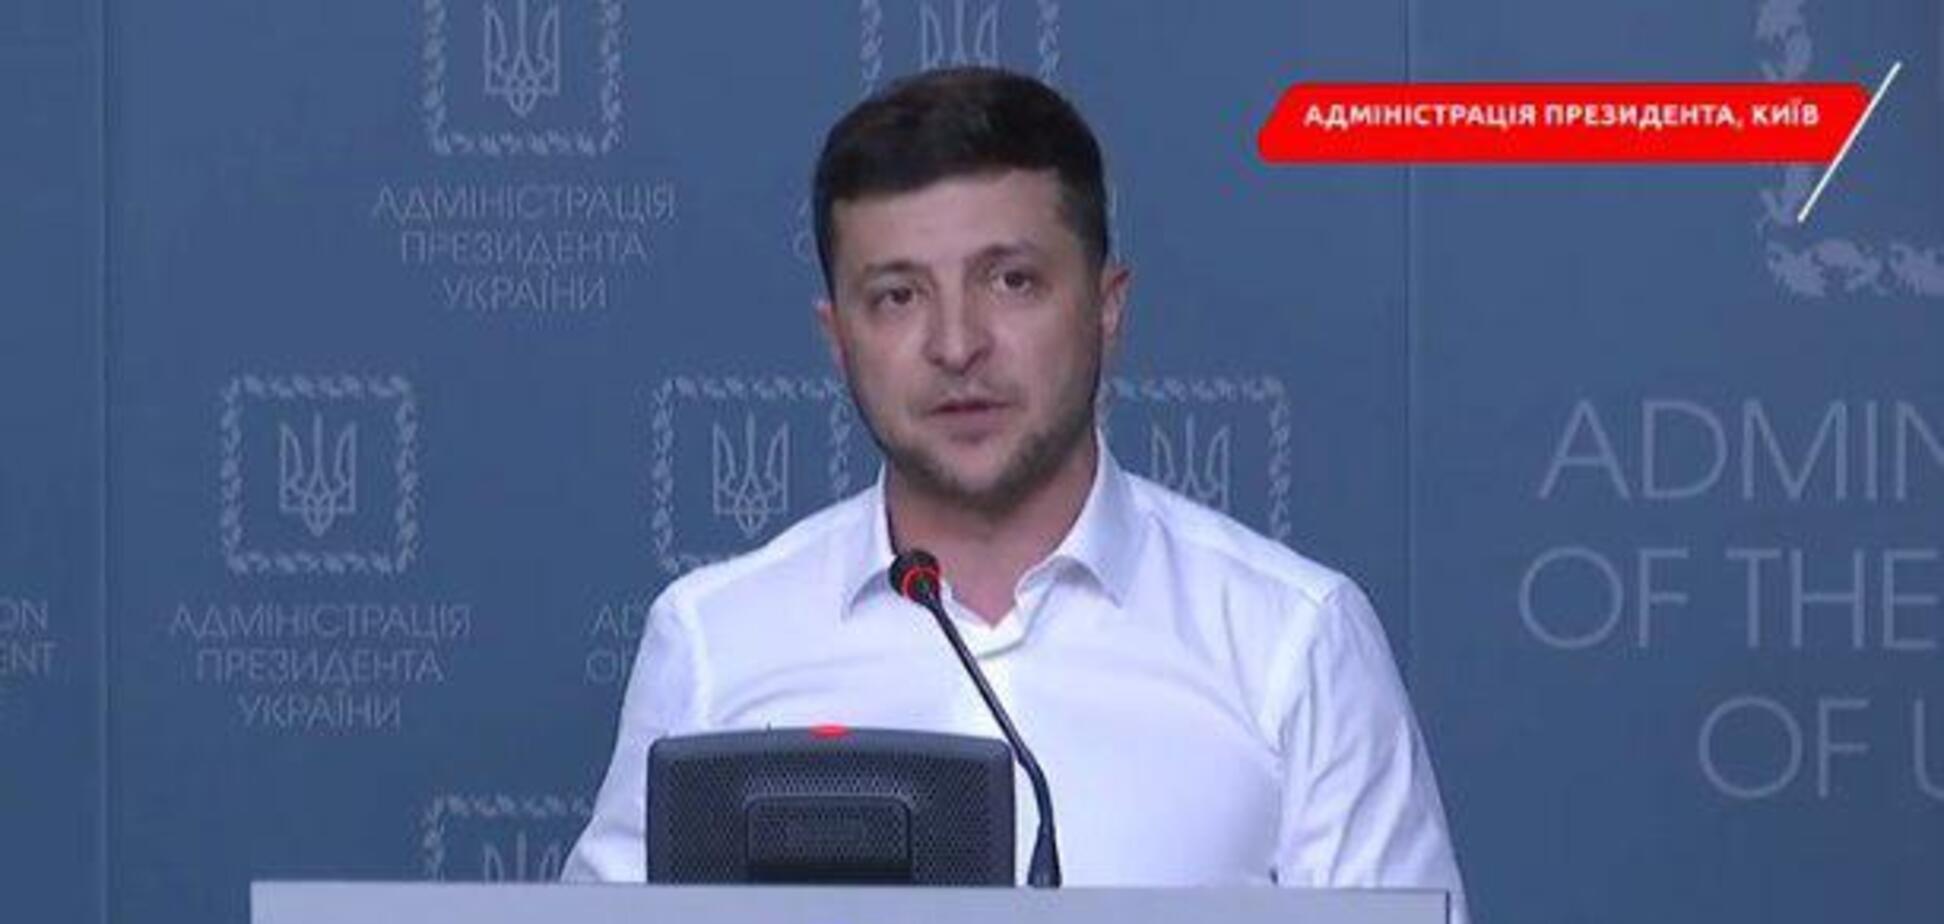 Зеленський назвав нового представника України в Контактній групі щодо Донбасу